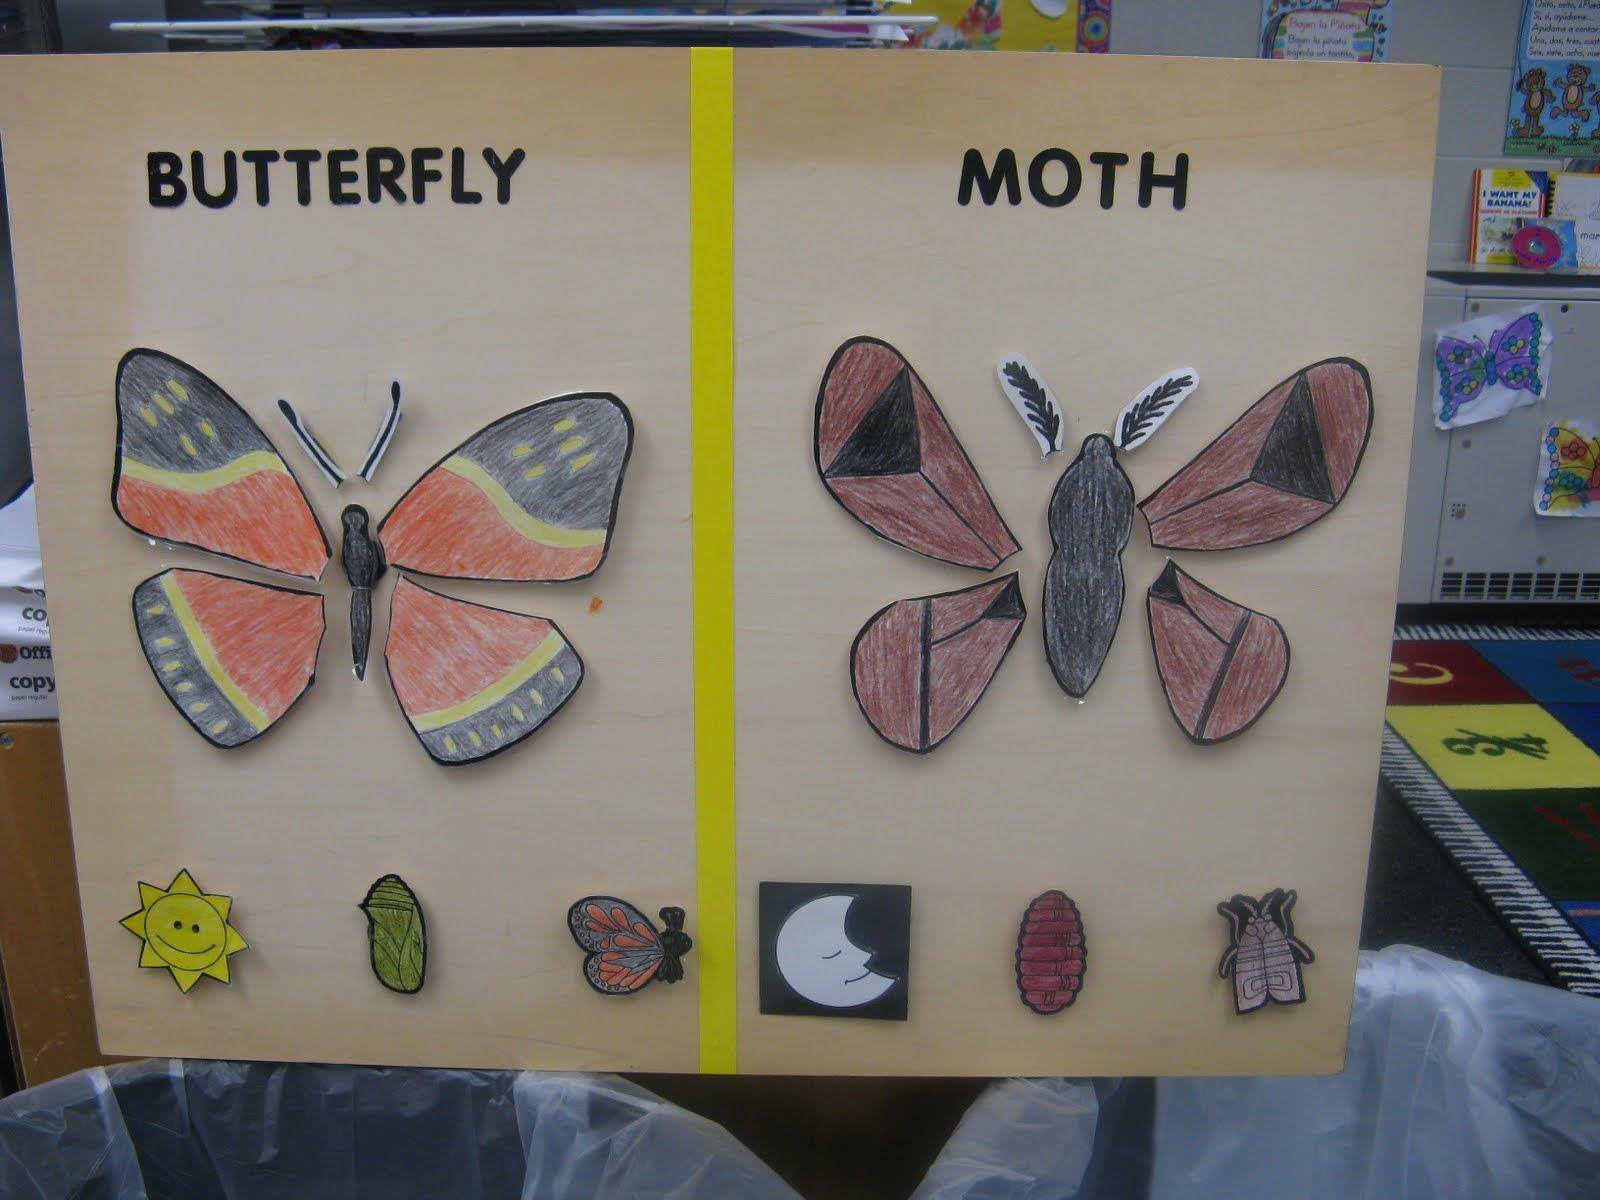 Butterfly Vs Moth